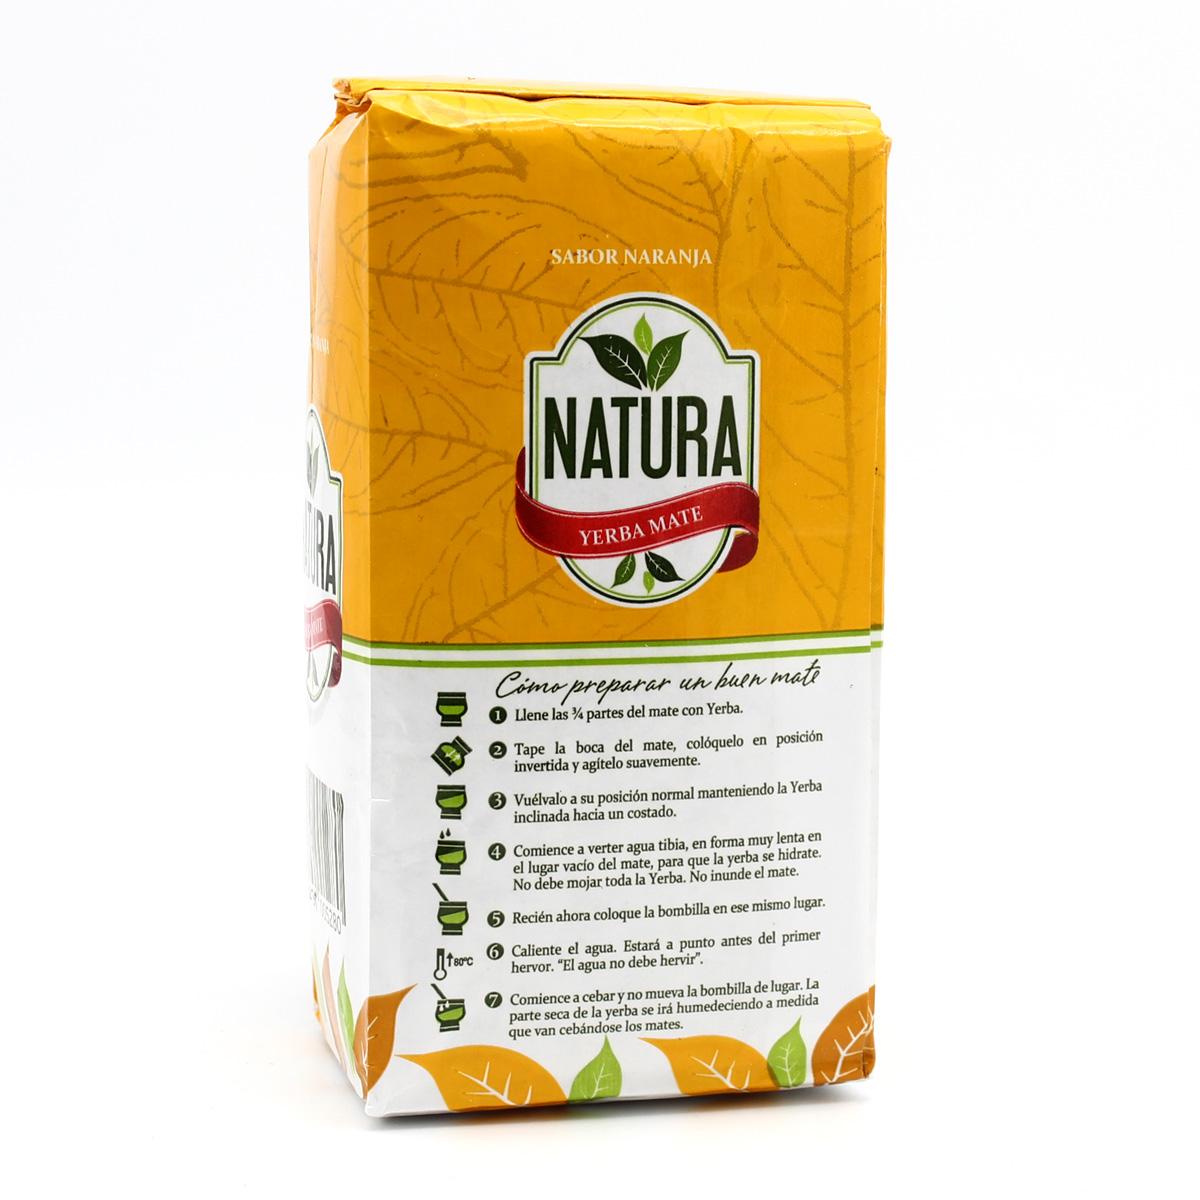 Мате Natura Sabor Naranja (с апельсином) (неочищенный)